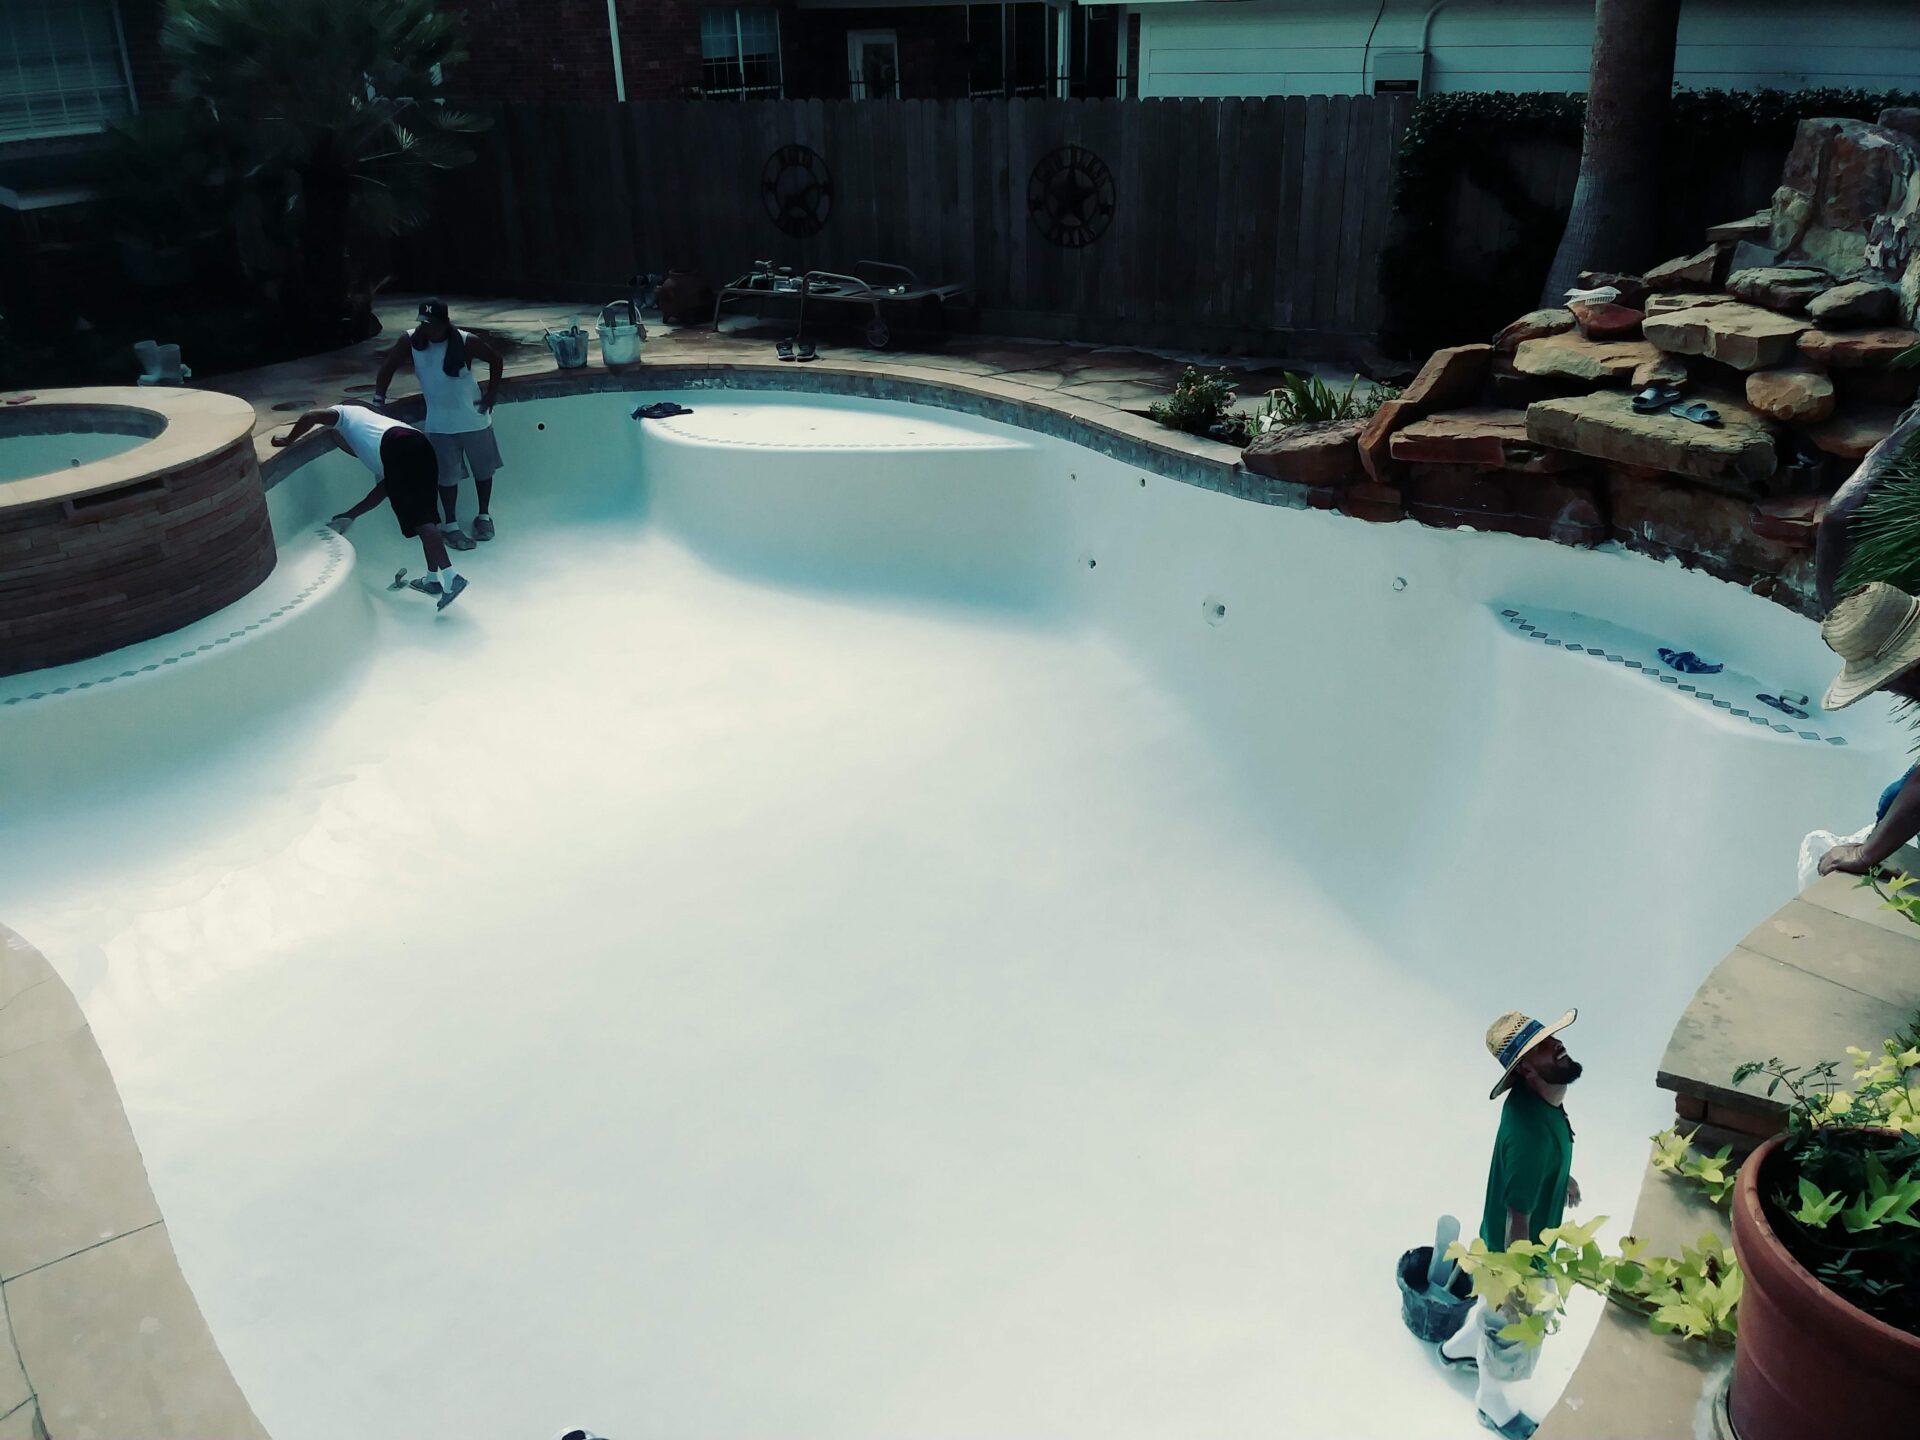 Pool Re-Plaster - Deerfield - After Image003